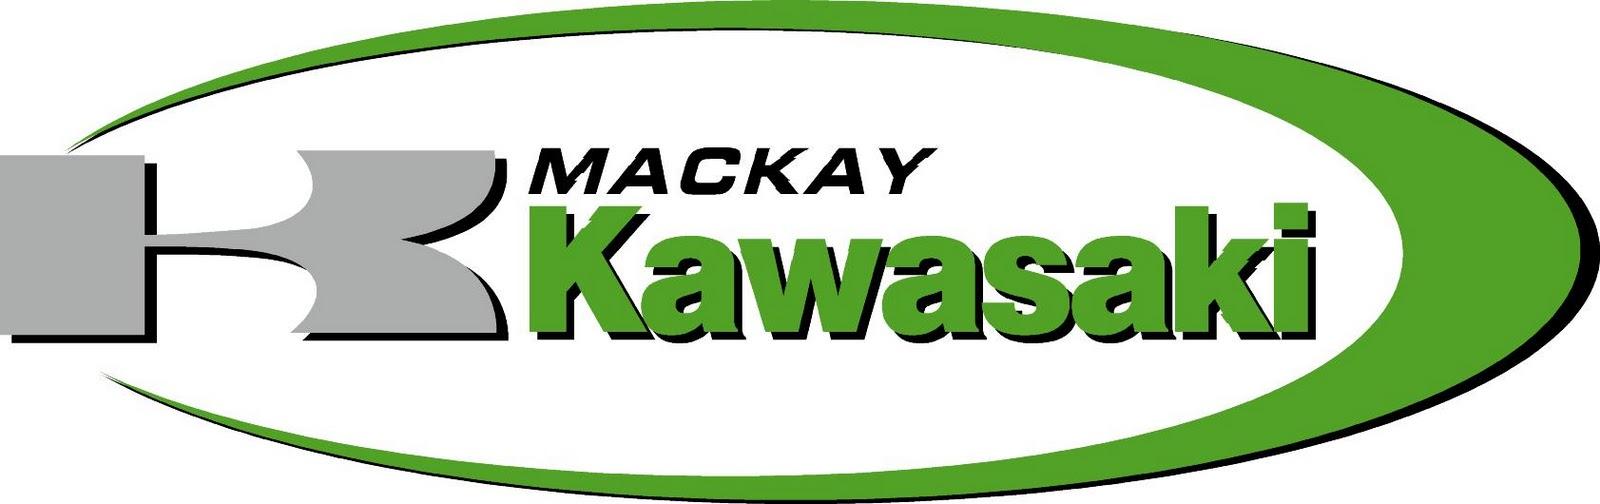 Mackay Kawasaki